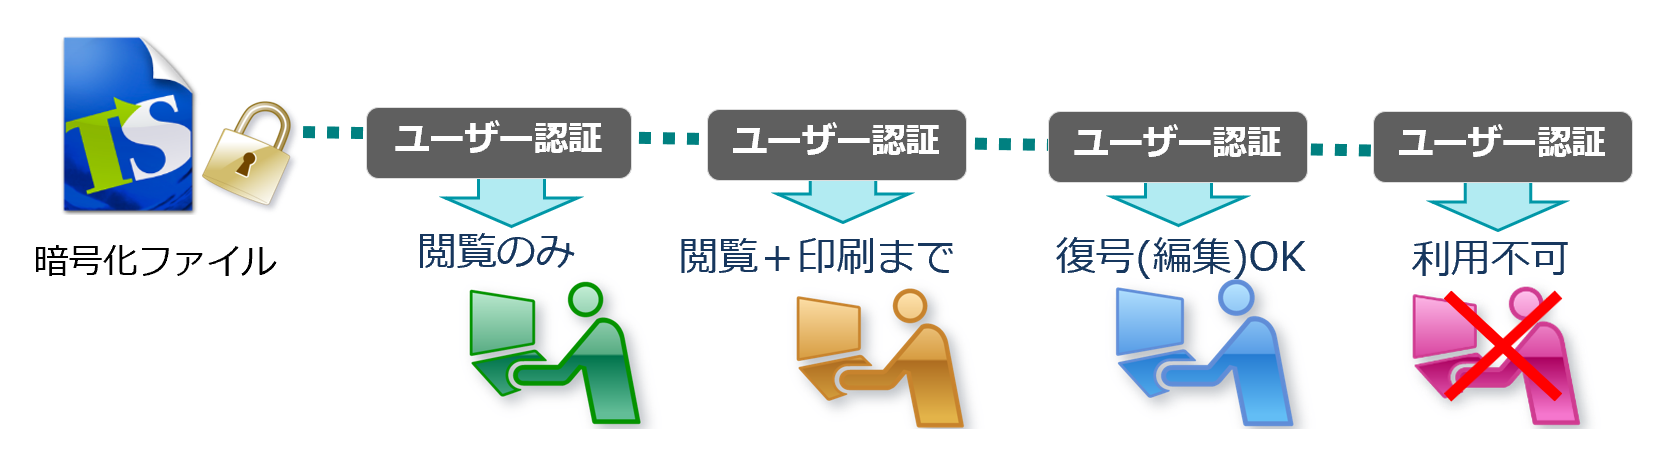 「暗号化」「認証」「権限制御」により、ファイルの不正利用を防止。